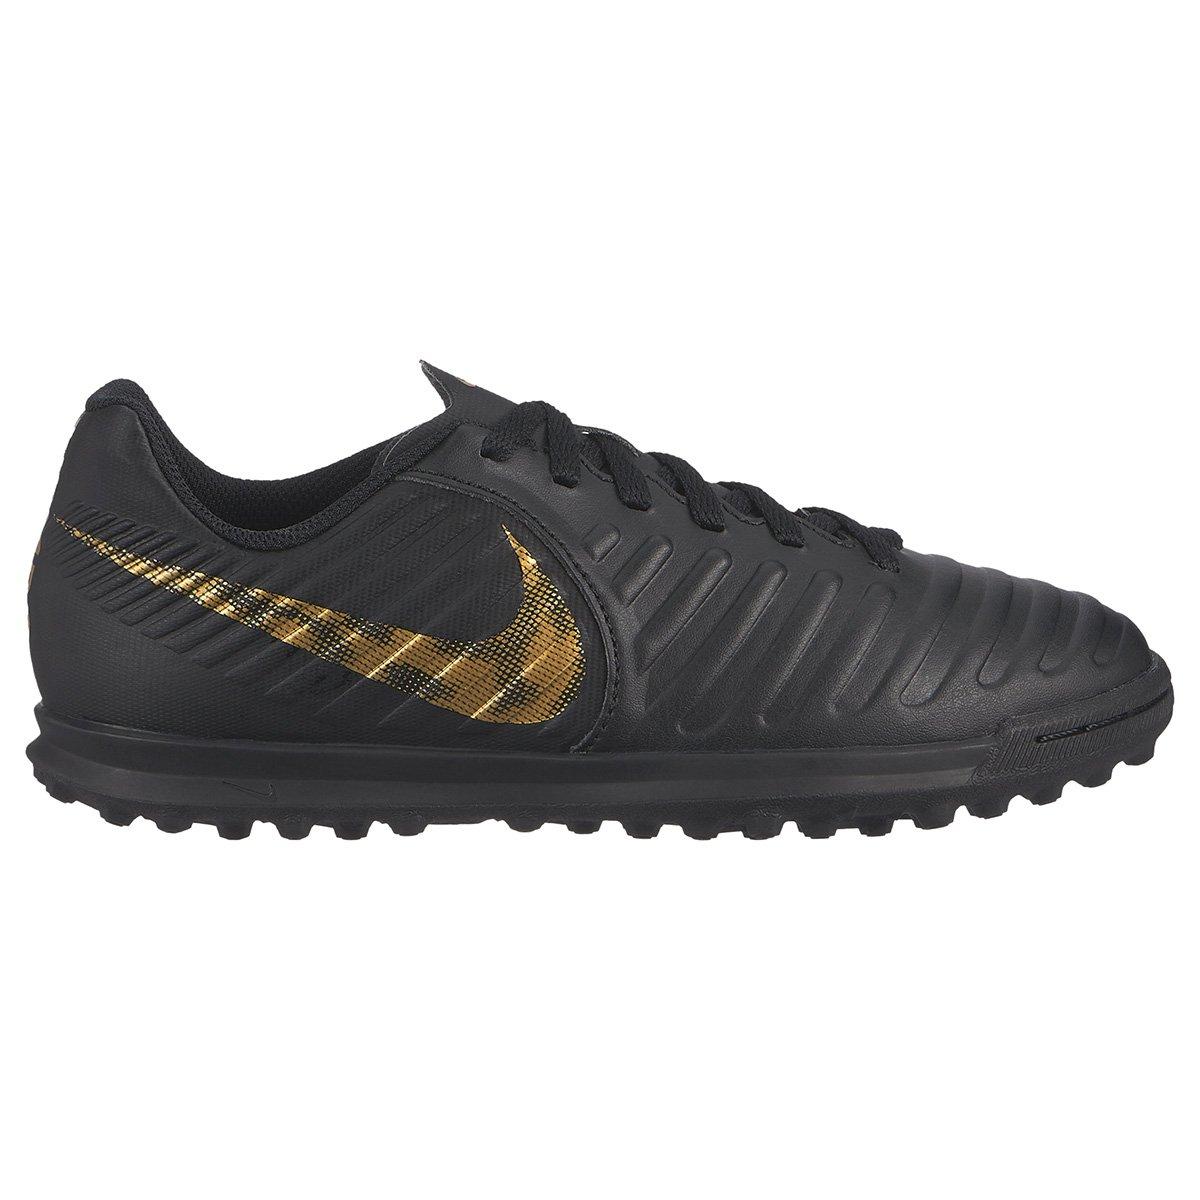 e9fdc6ef8 Chuteira Society Infantil Nike Tiempo Legend 7 Club TF - Preto e Dourado